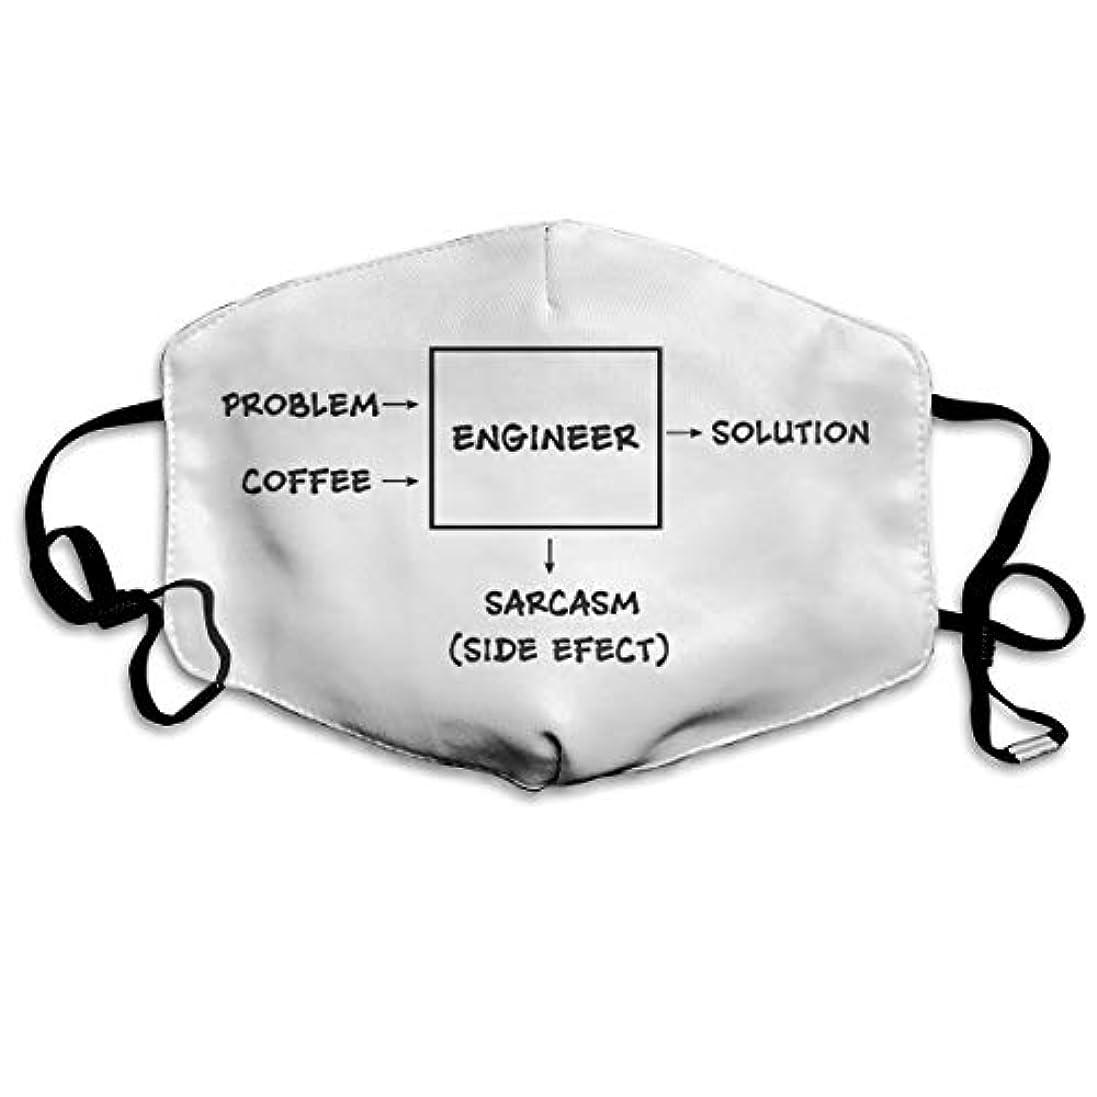 煙実現可能性本当のことを言うとMorningligh エンジニア 過程 マスク 使い捨てマスク ファッションマスク 個別包装 まとめ買い 防災 避難 緊急 抗菌 花粉症予防 風邪予防 男女兼用 健康を守るため